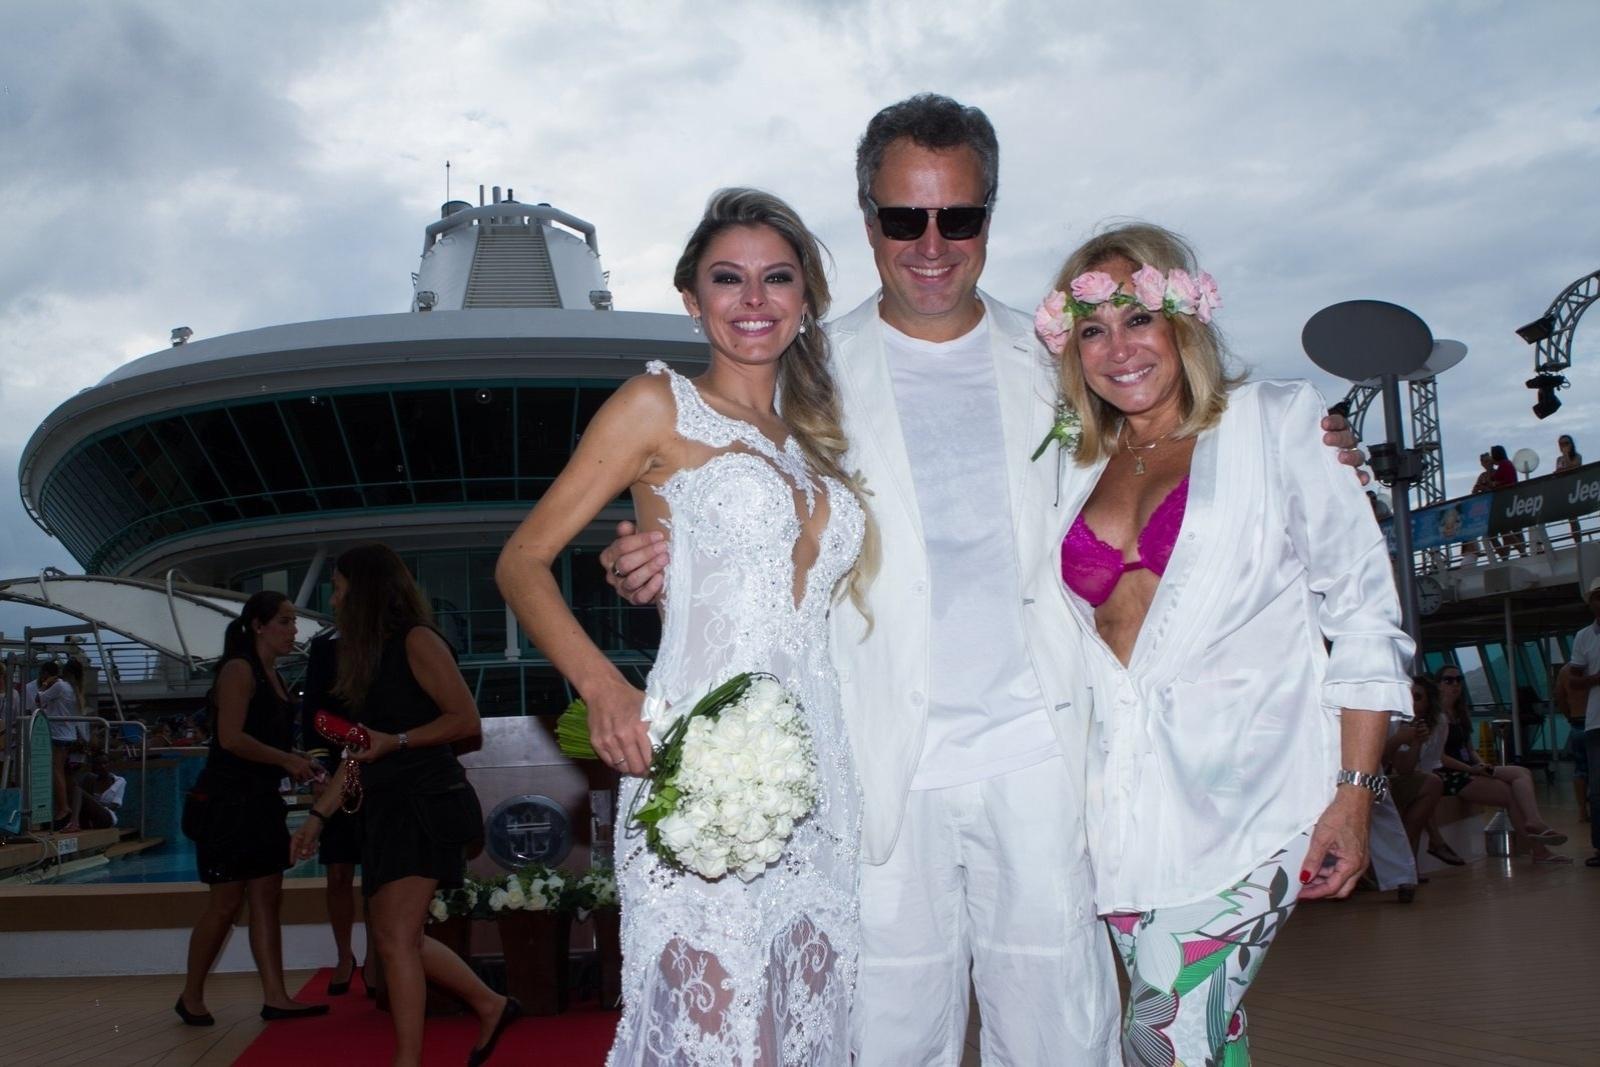 13.abr.2014 - Susana Vieira posa com o filho, Rodrigo, e a nora, Ketryn Goetten, após a cerimônia de casamento em um cruzeiro